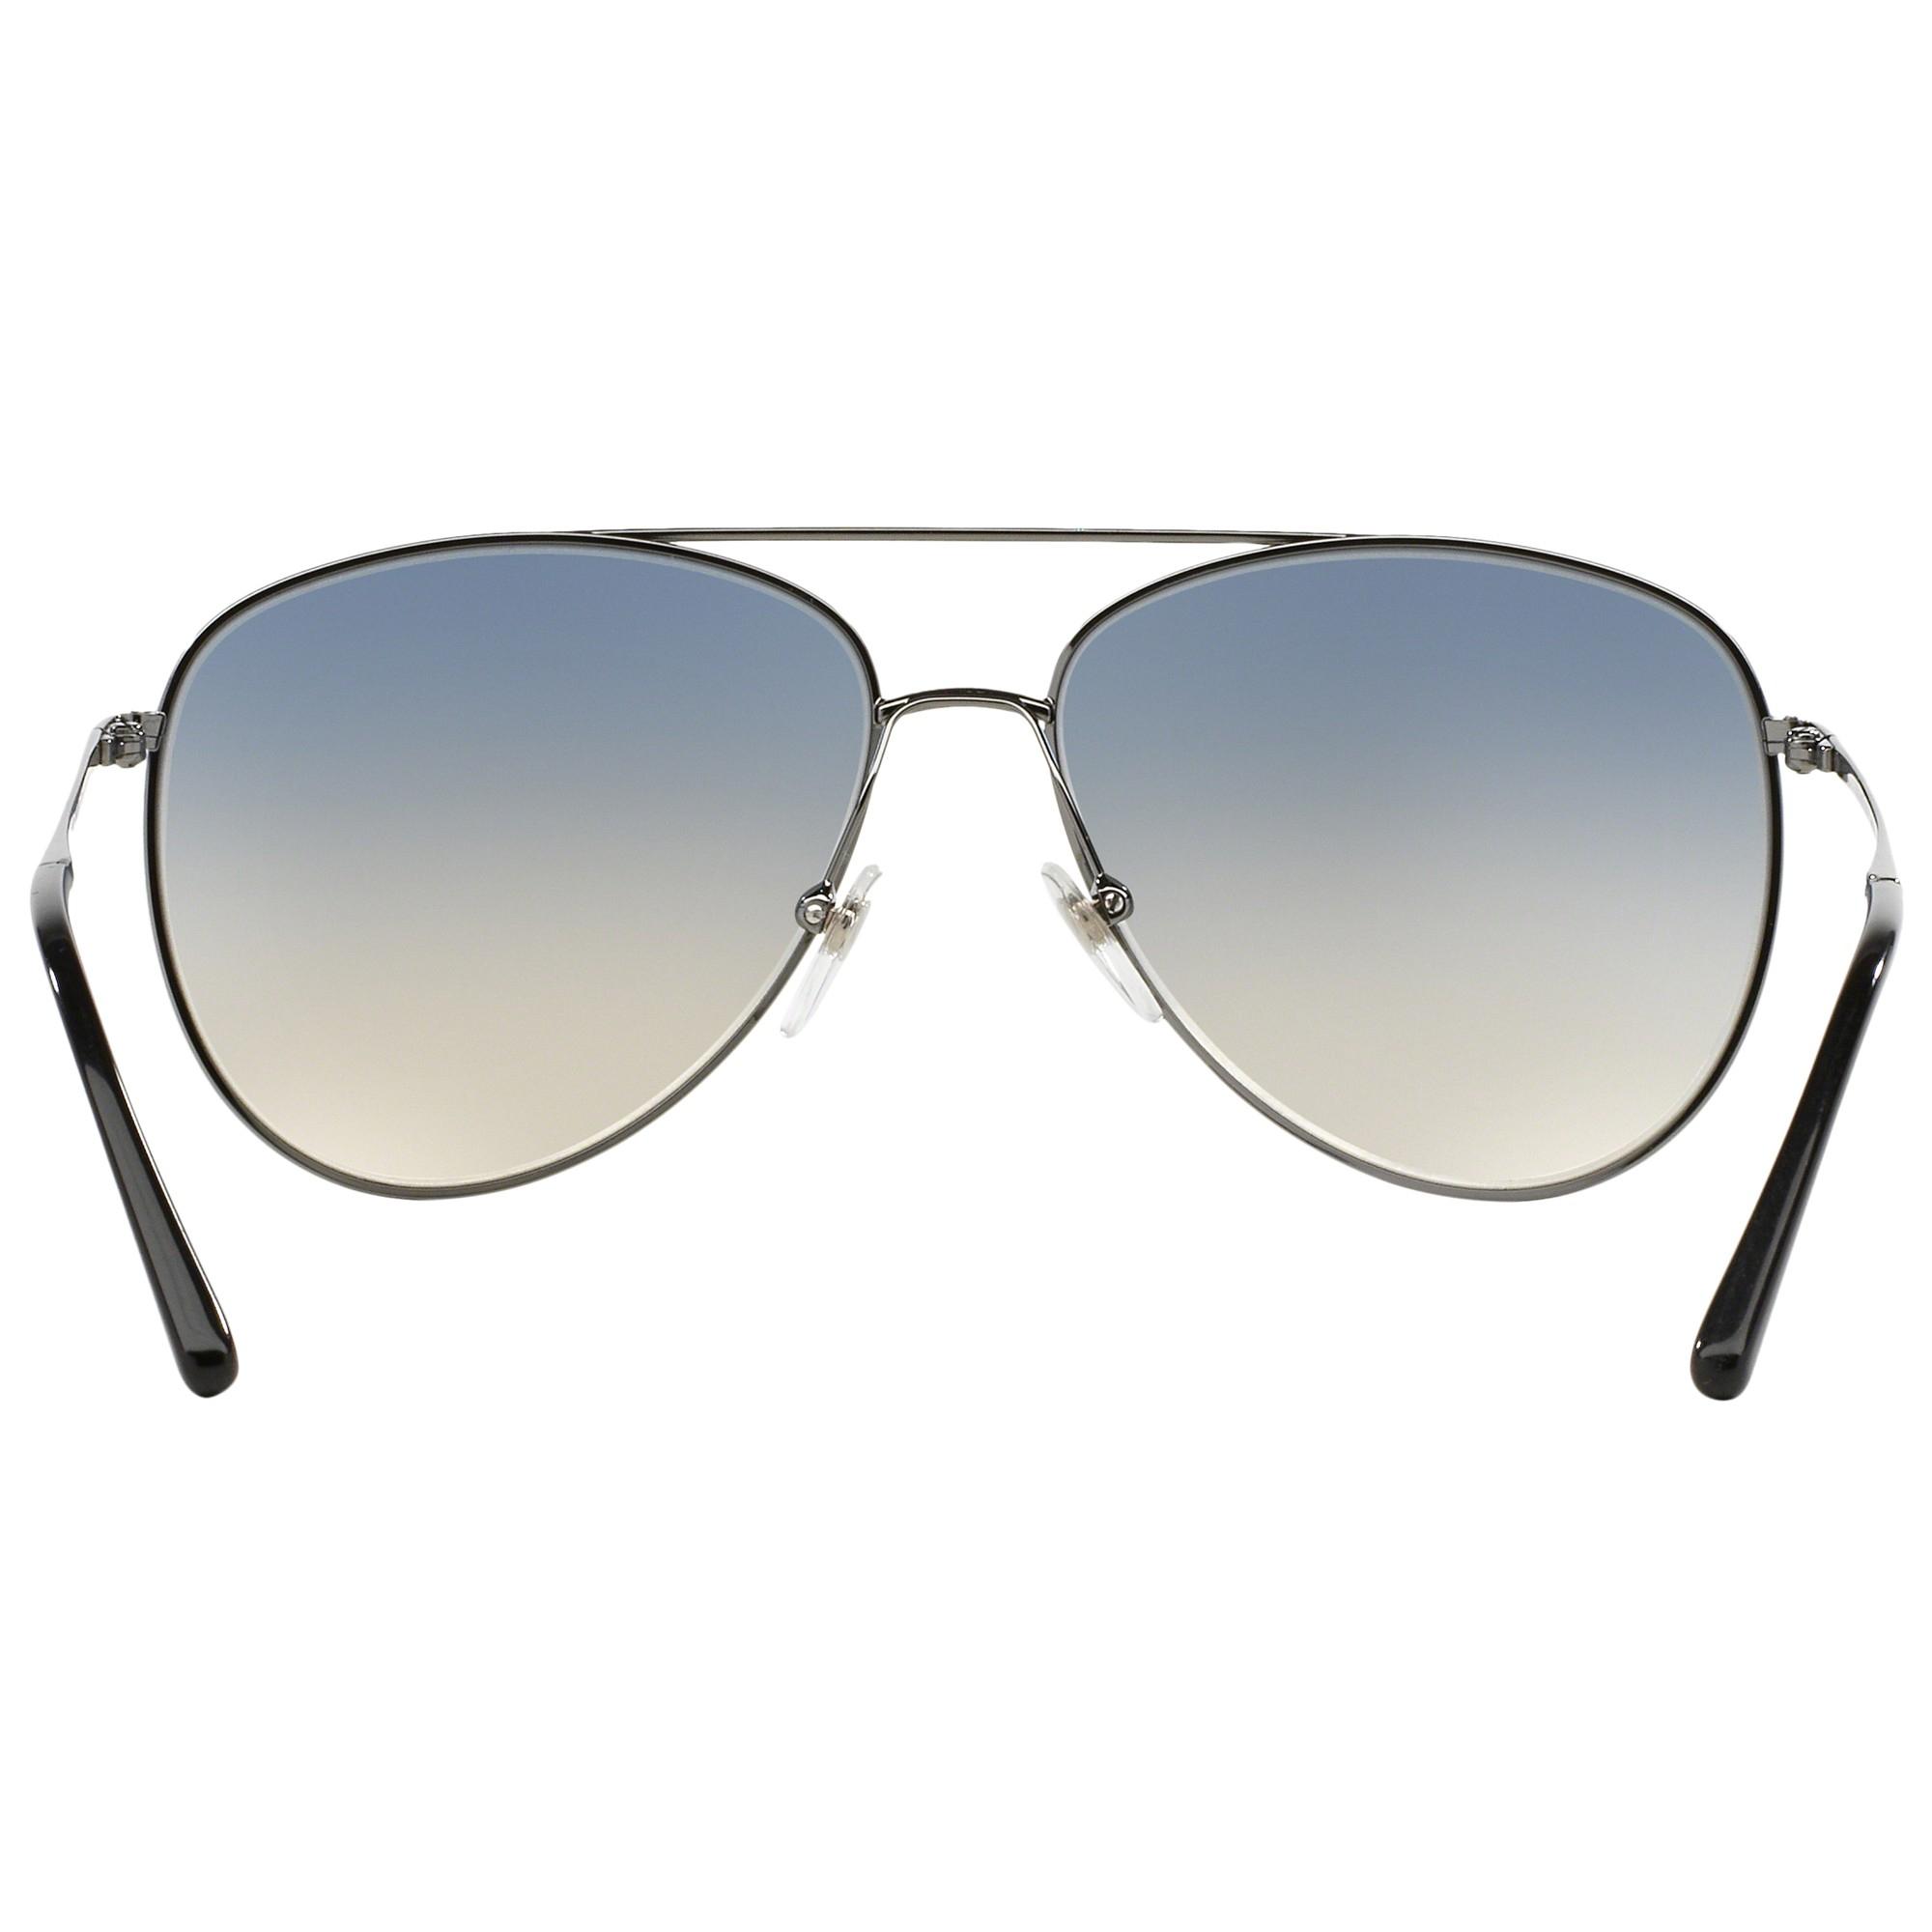 3e7f6f1b486 Burberry Be3072 Aviator Sunglasses in Blue - Lyst